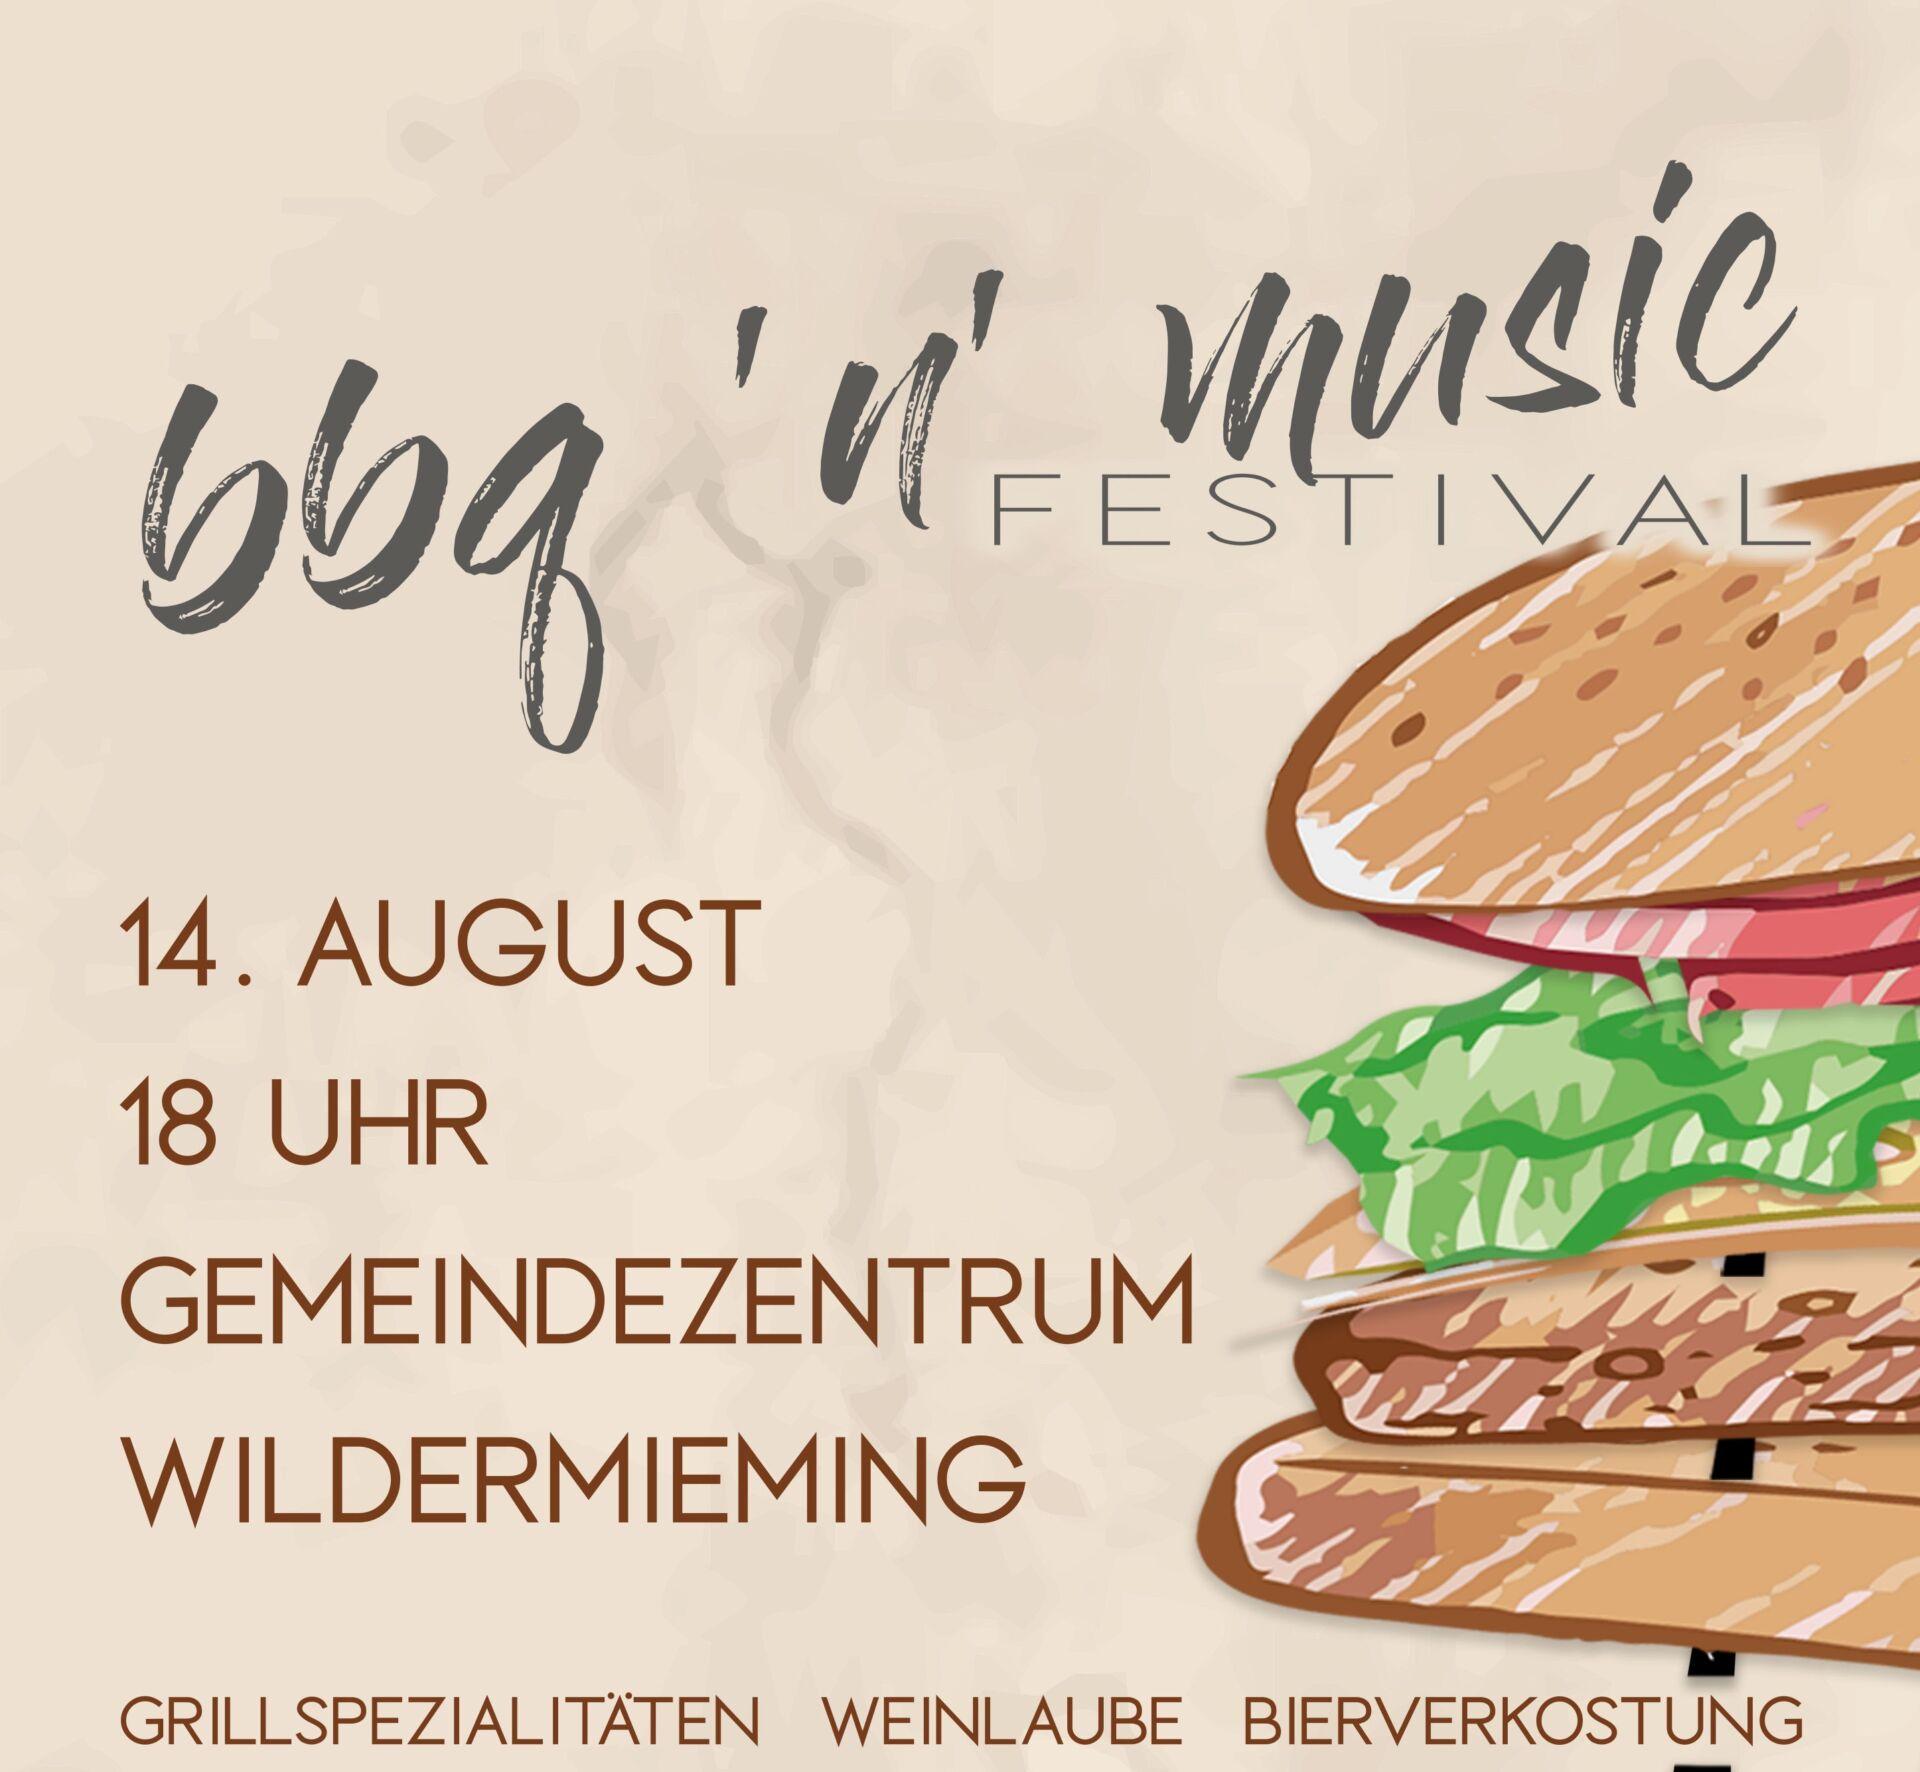 bbq n music festival